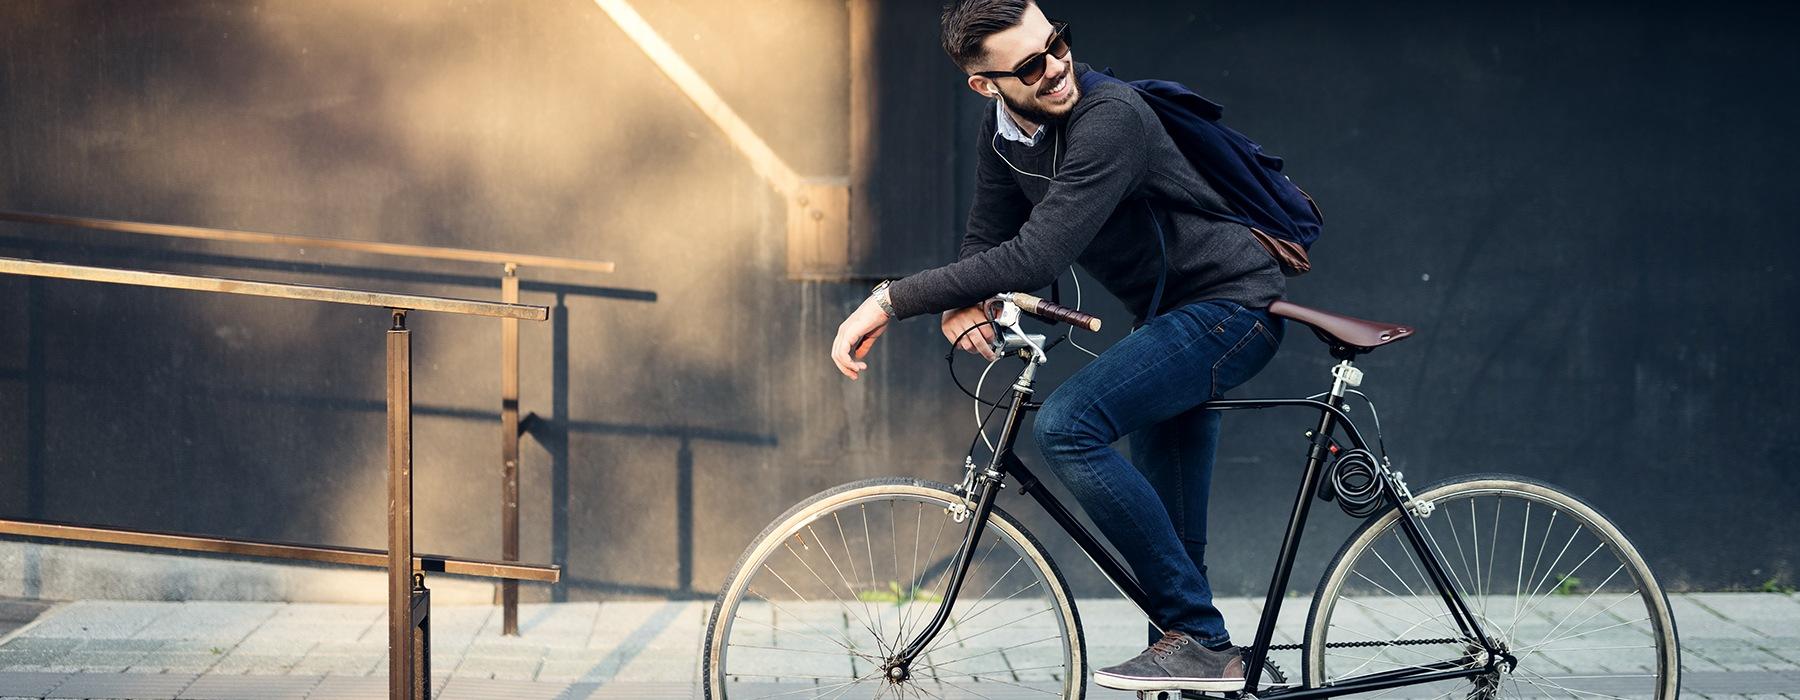 A man is sitting on his bike on a sidewalk